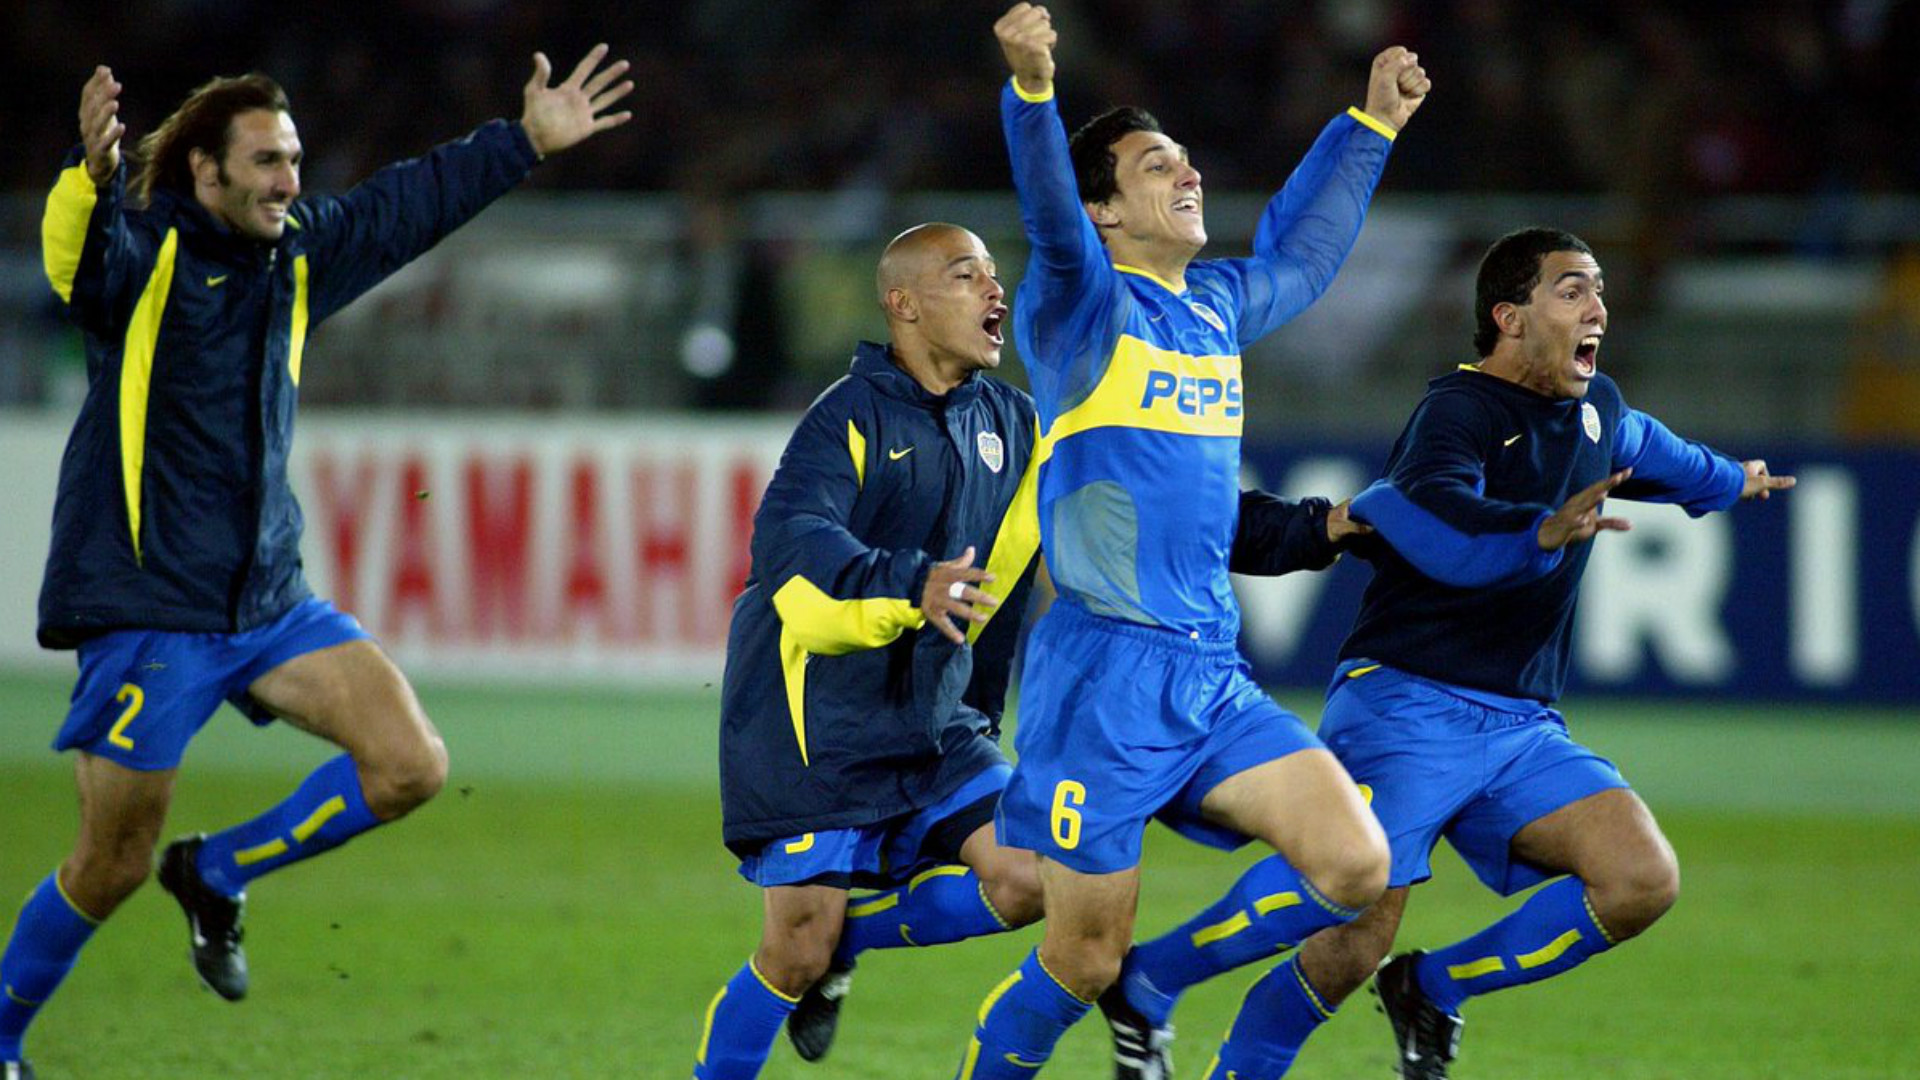 Nicolas Burdisso Boca Juniors